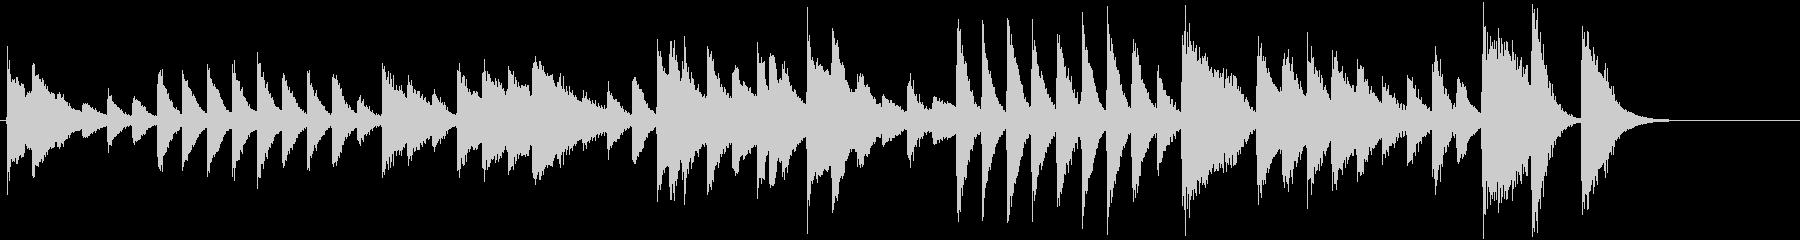 節分!鬼のパンツモチーフピアノジングルCの未再生の波形